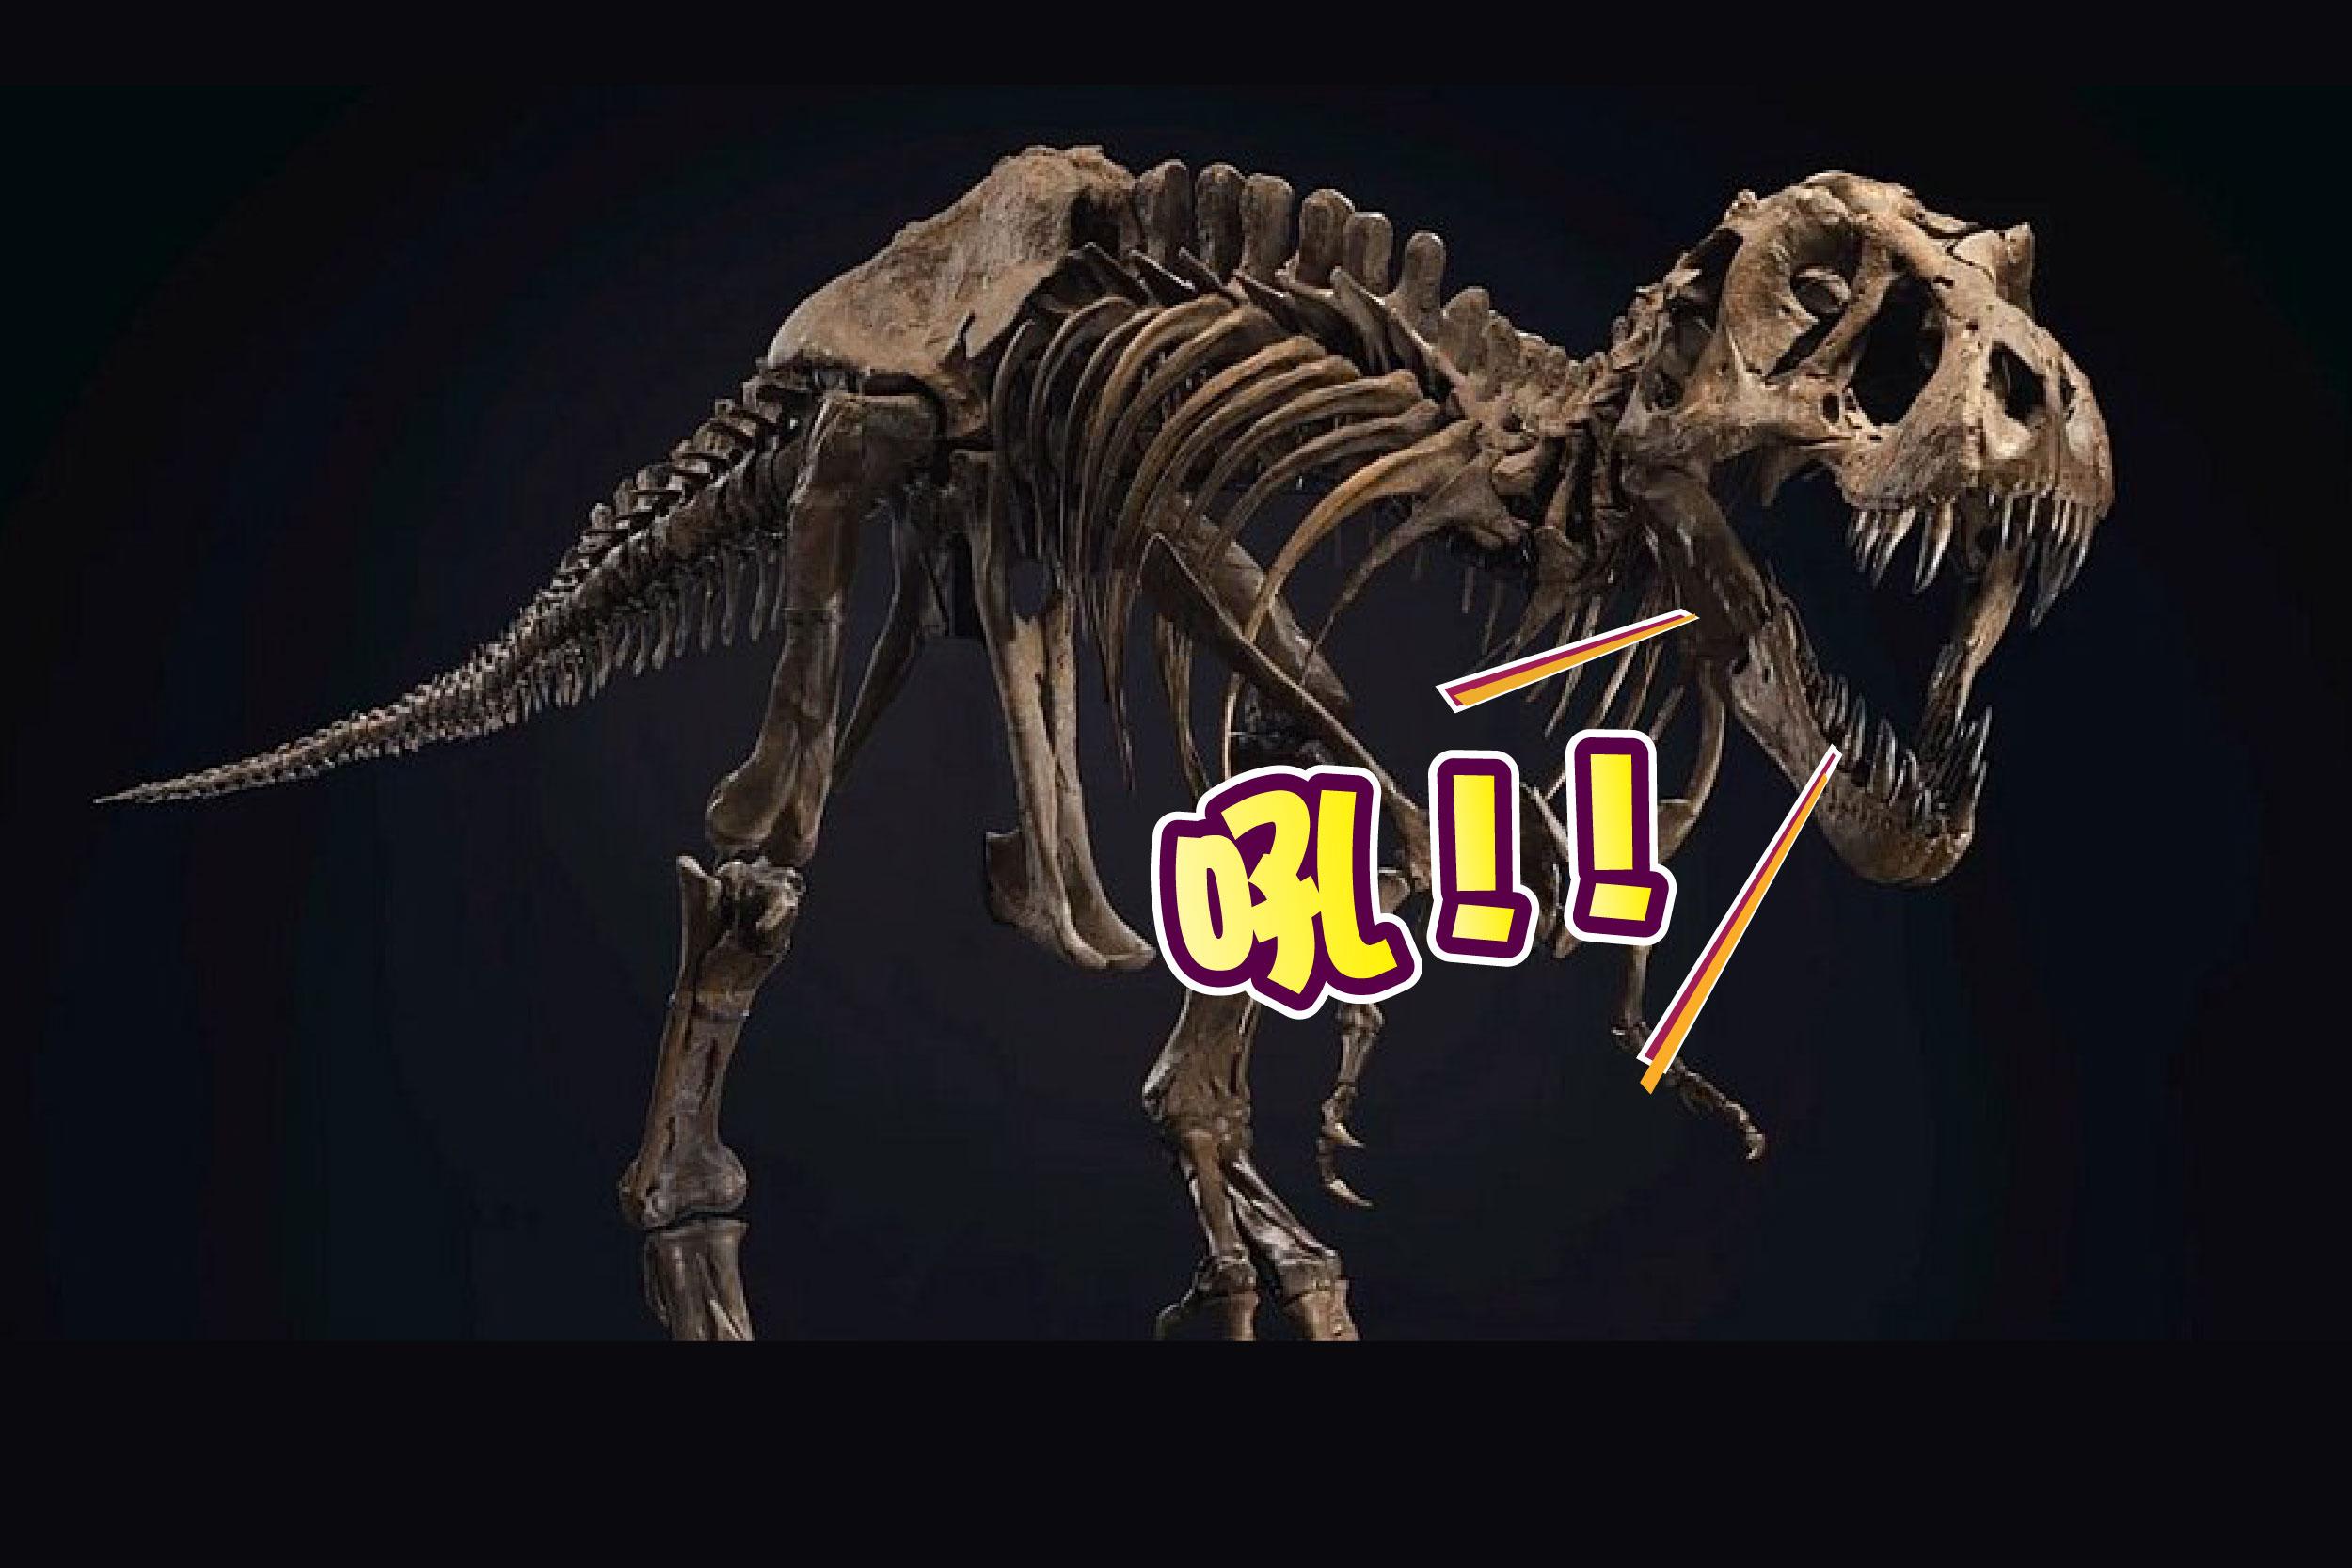 """名为""""史丹""""的暴龙化石,预计拍卖价会刷新交易记录。-法新社/精彩大马制图-"""